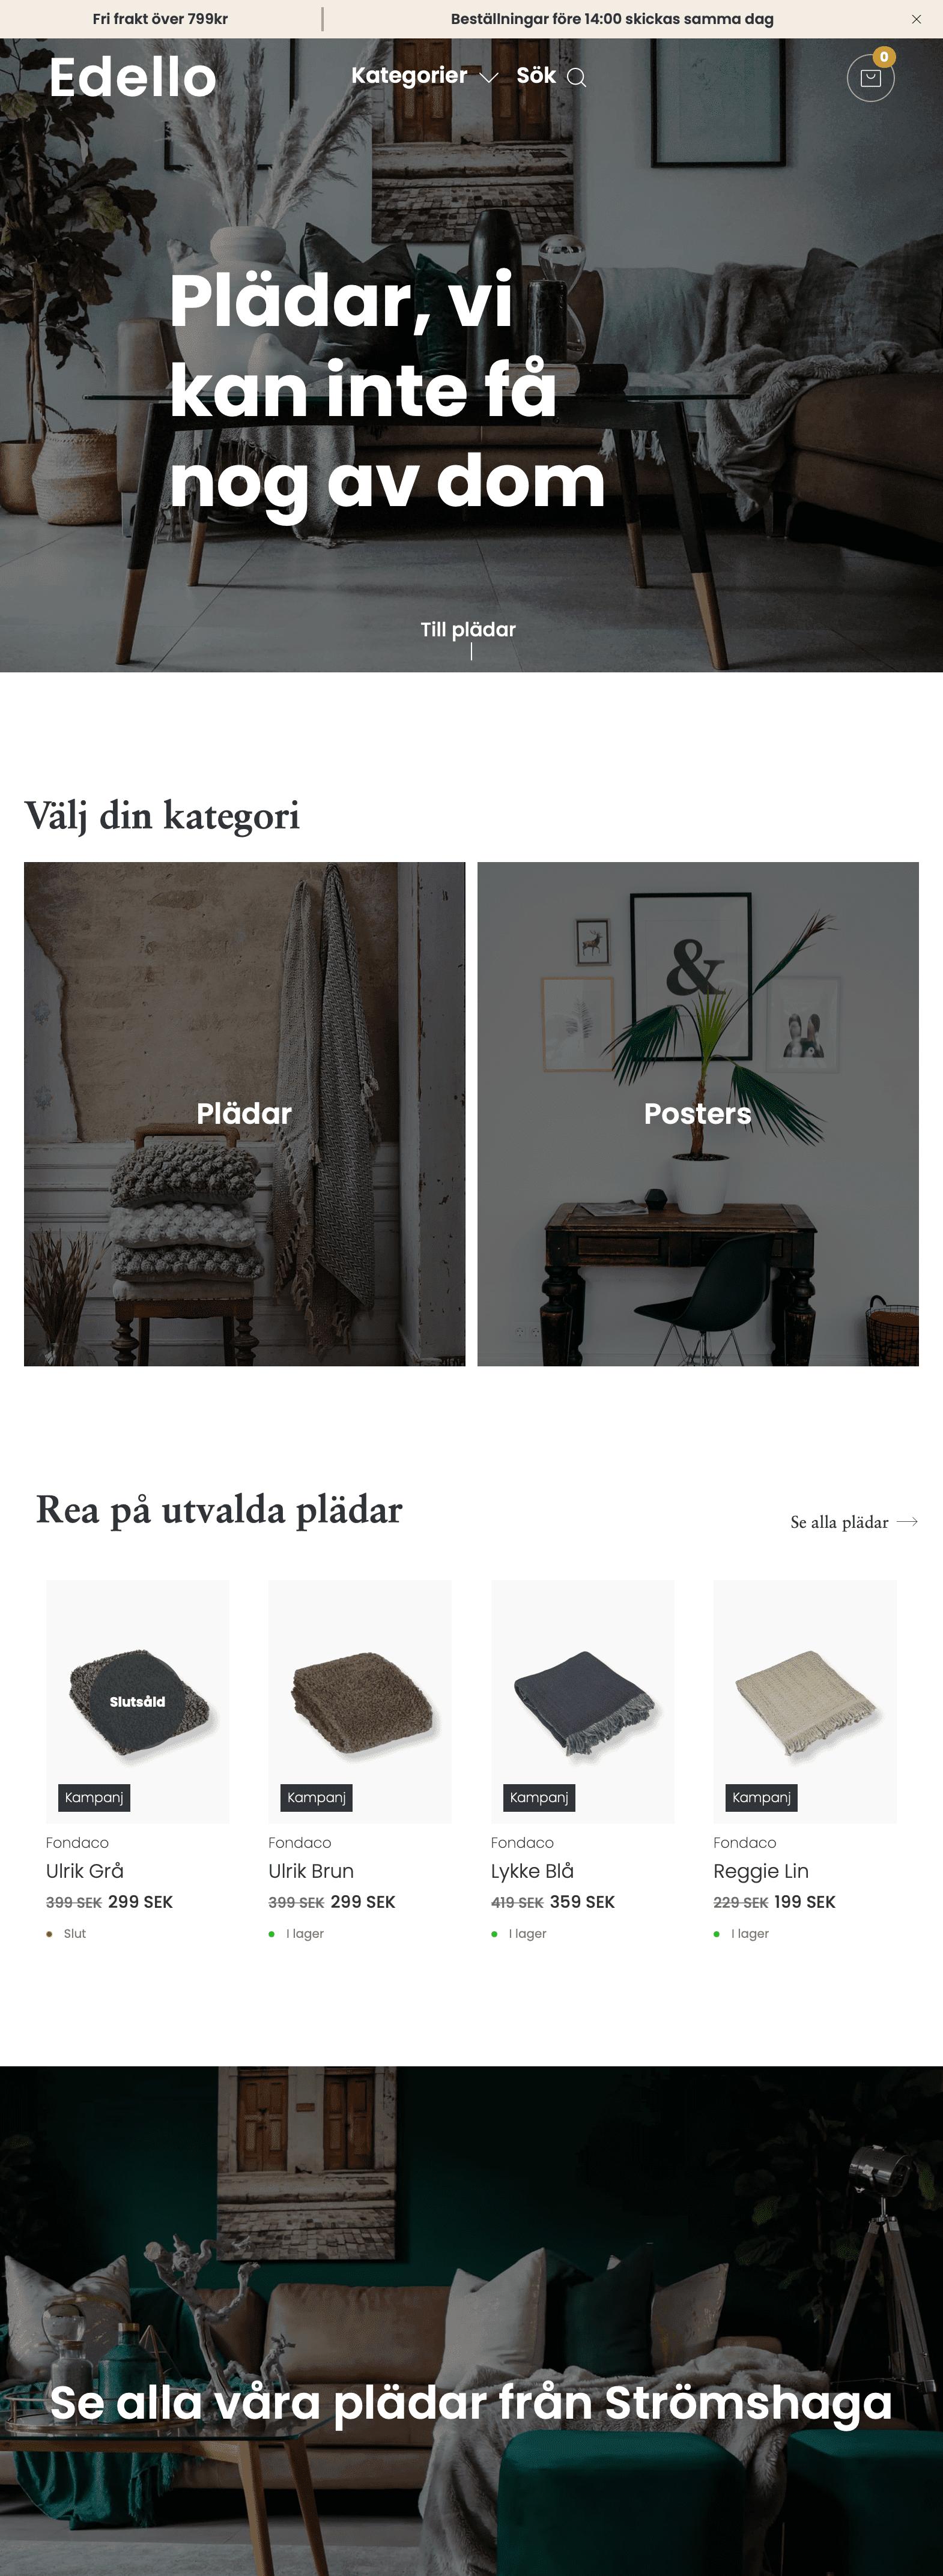 Skärmbild på Edello hemsida.